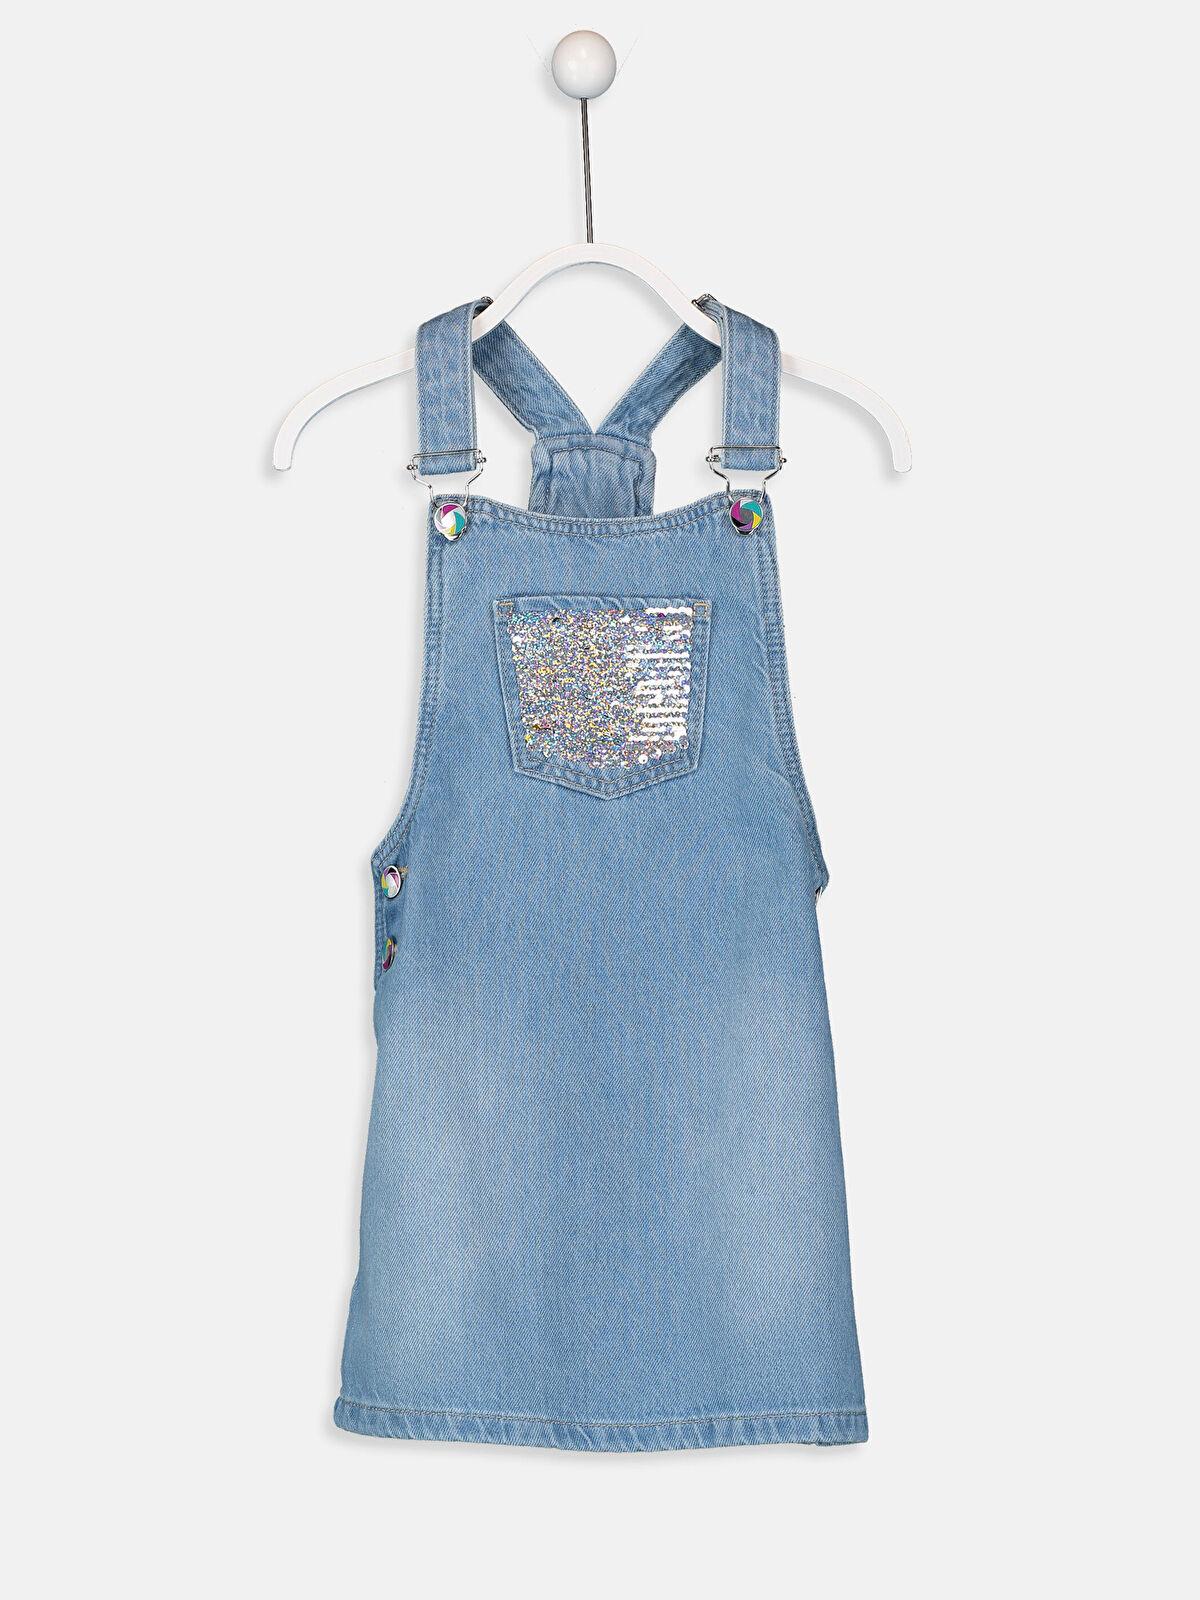 Kız Çocuk Çift Yönlü Payetli Jean Salopet Elbise - LC WAIKIKI